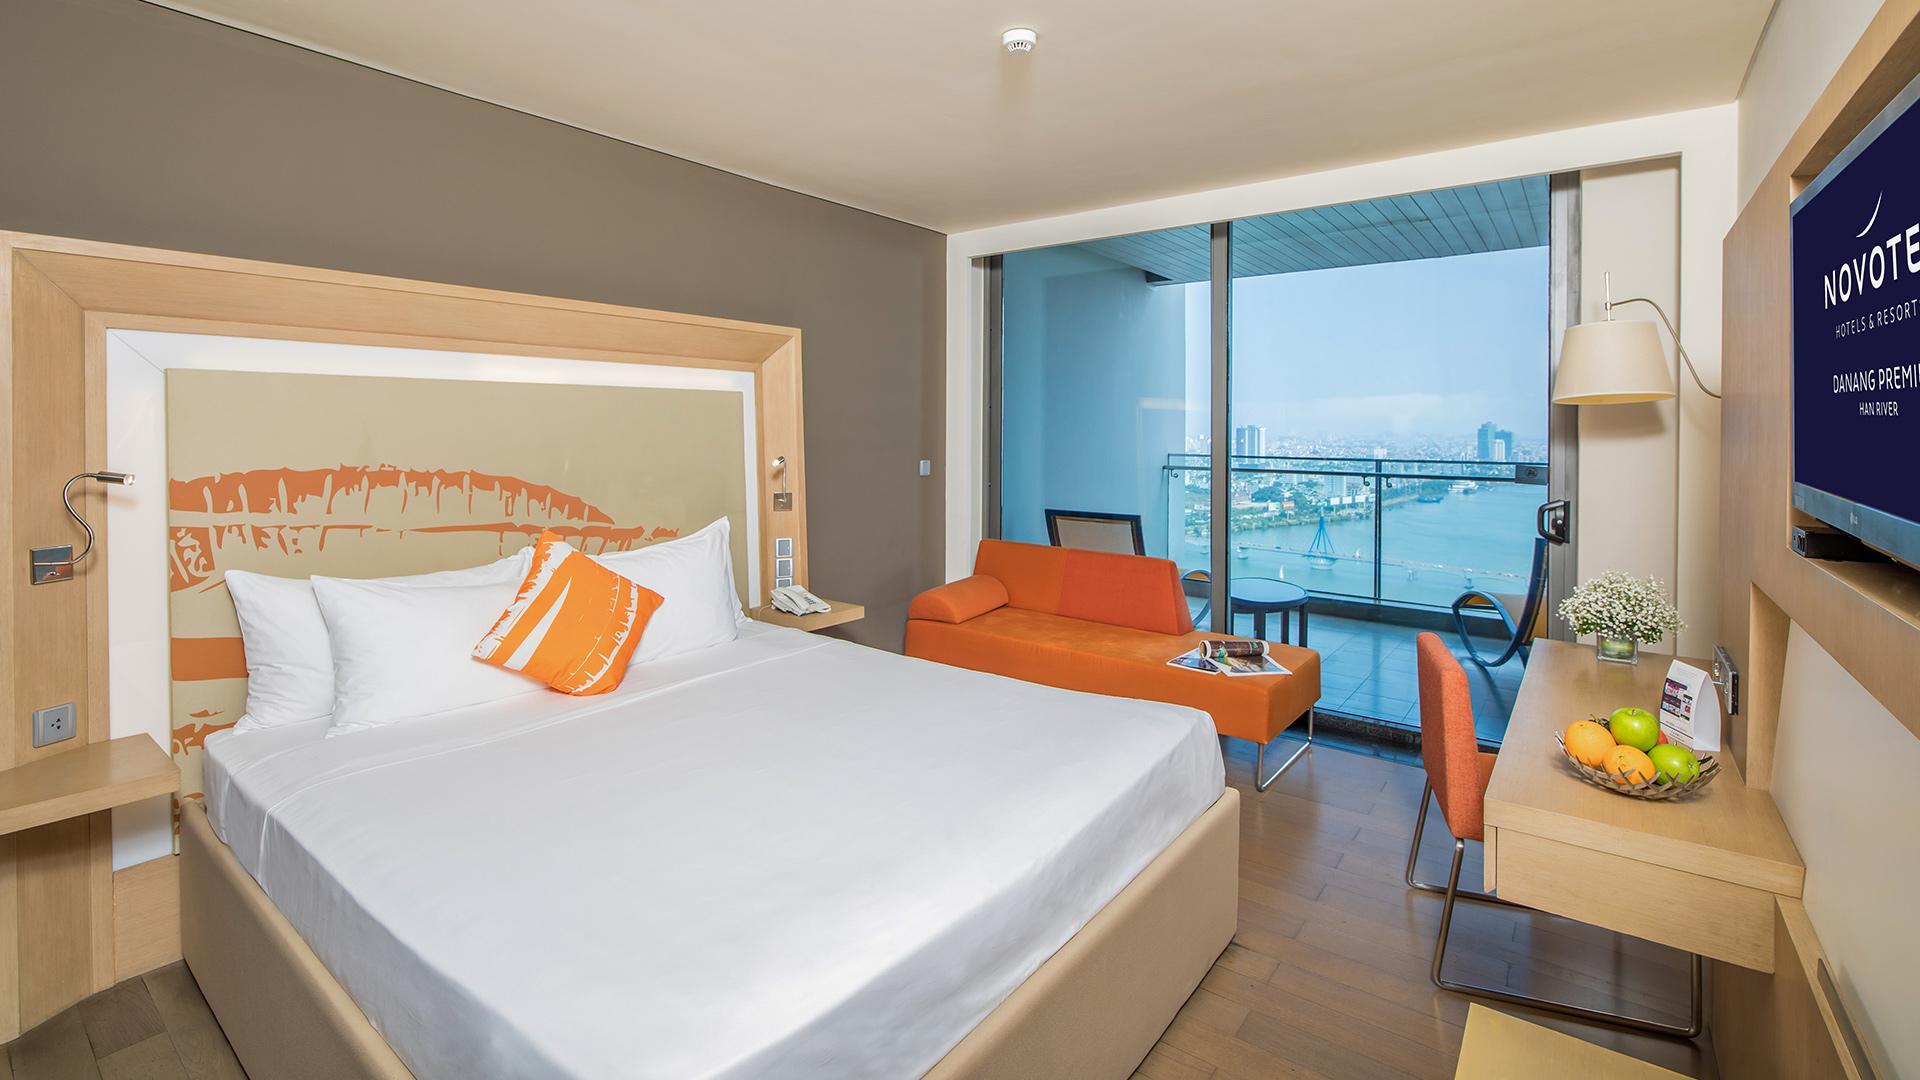 Superior Room  image 1 at Novotel Danang Premier Han River by Q. Hải Châu, Đà Nẵng, Vietnam